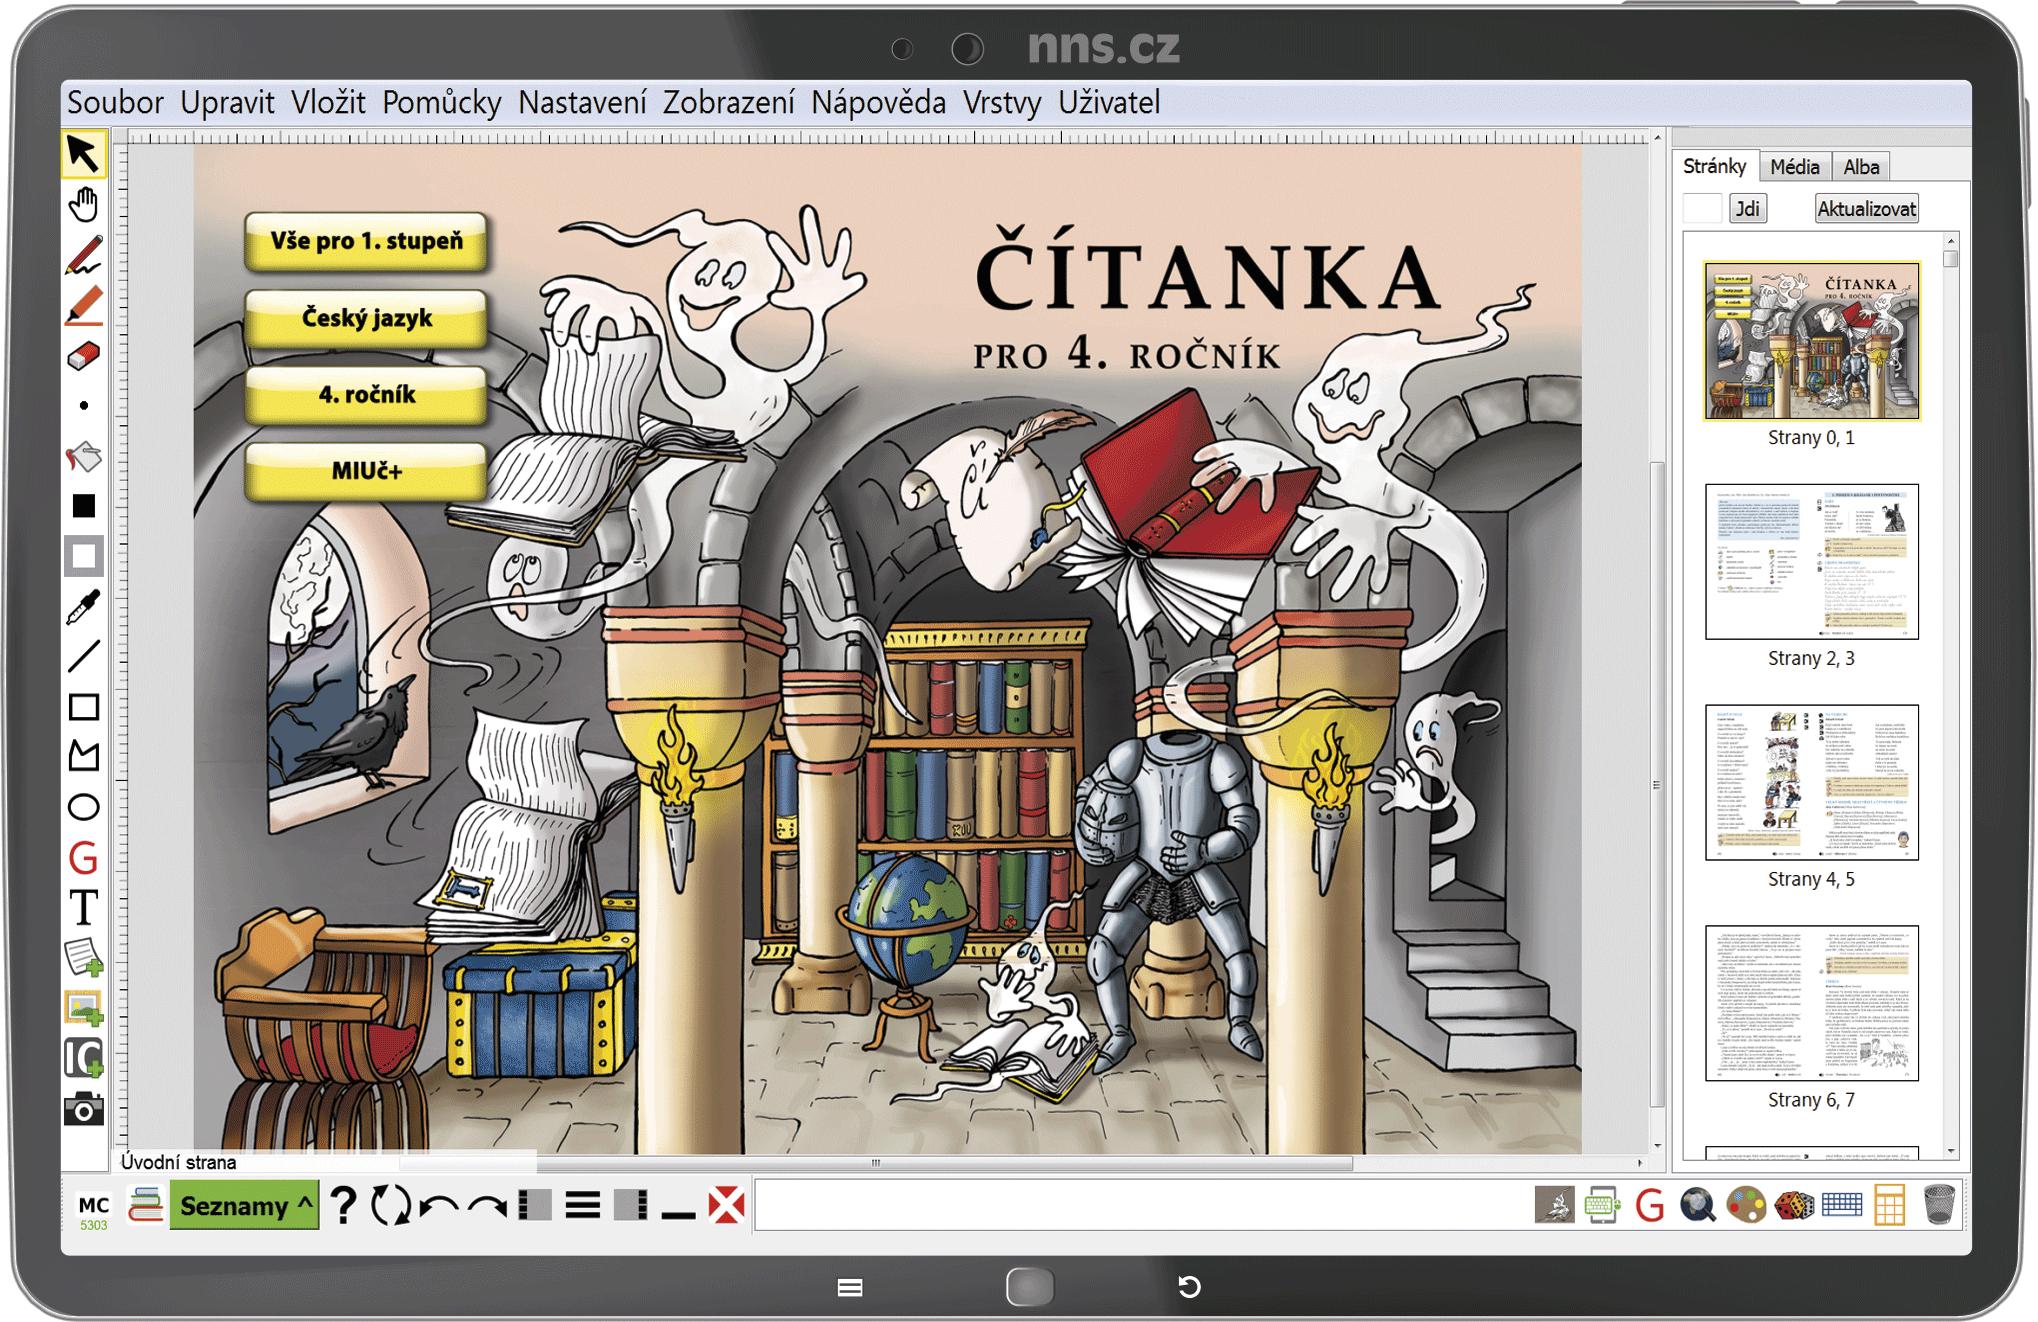 MIUč+ Čítanka 4 - žák. licence na 1 šk. rok NOVINKA